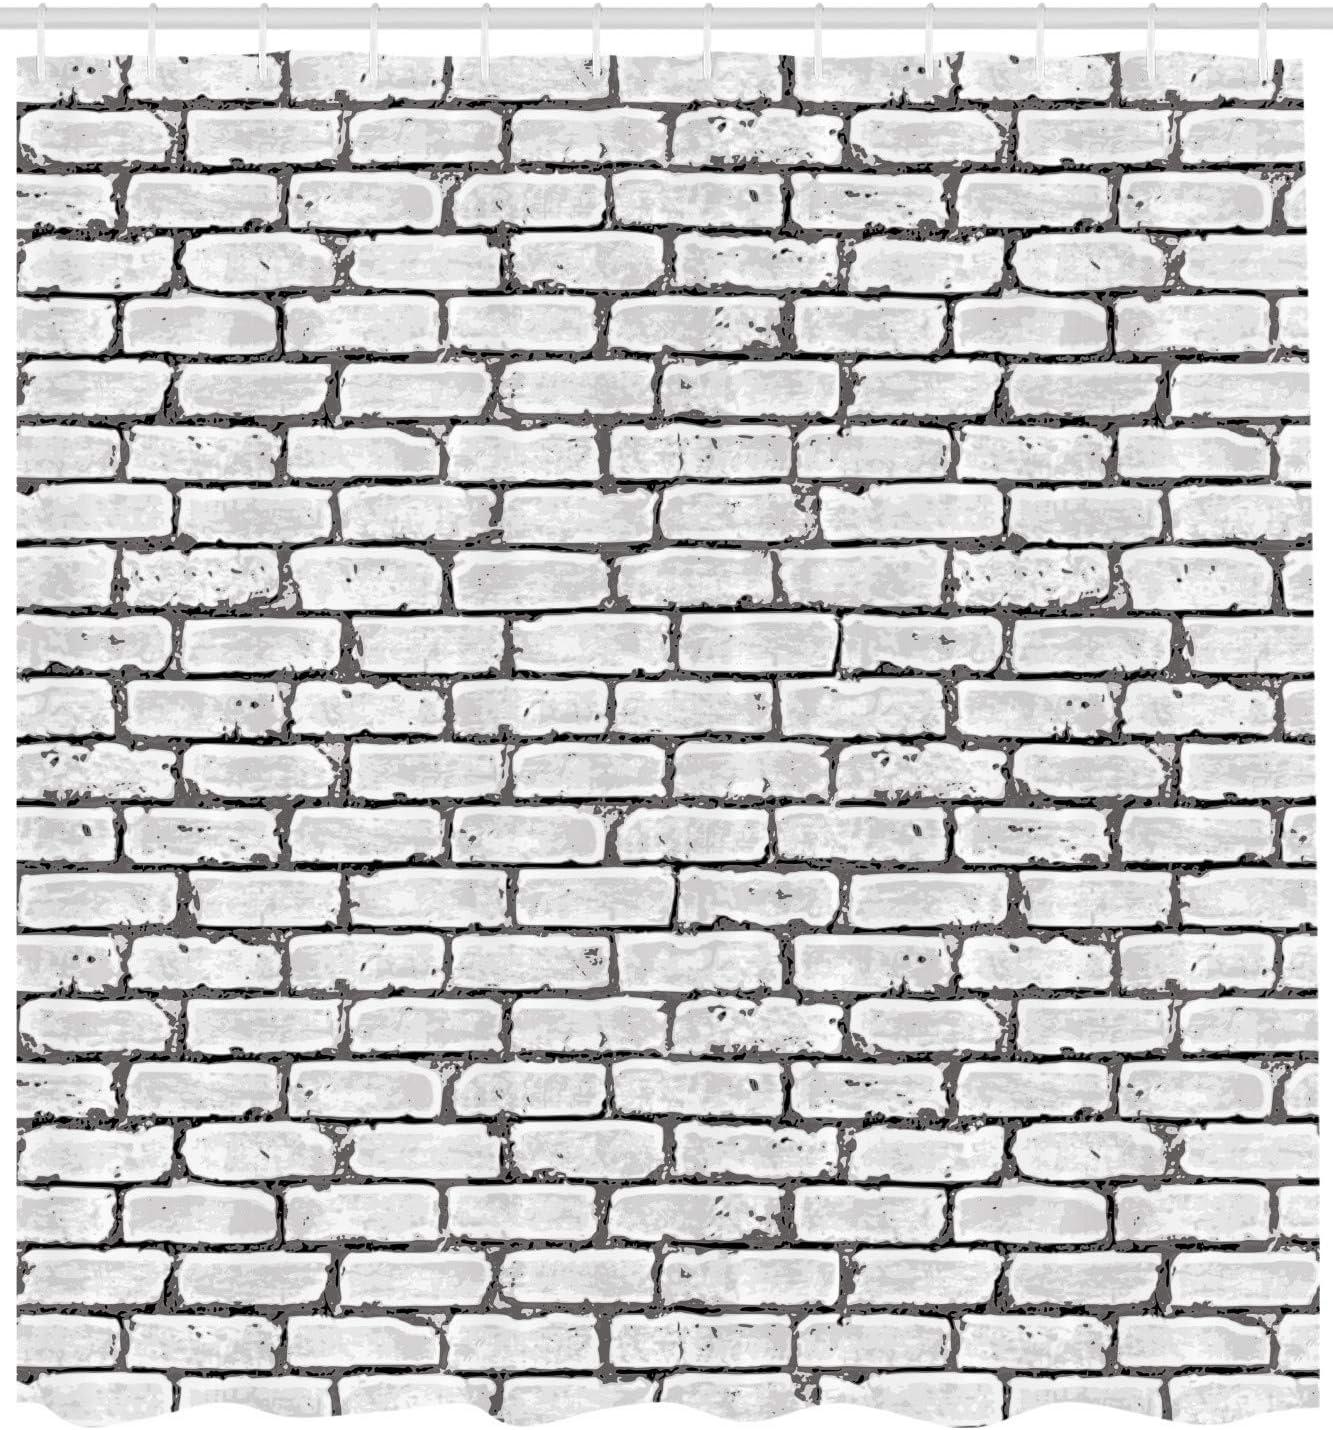 ABAKUHAUS Antiguo Cortina de Ba/ño Cap/ítulo en la Pared de ladrillo Vieja Material Resistente al Agua Durable Estampa Digital Naranja Oscuro Marr/ón Blanco 175 x 180 cm